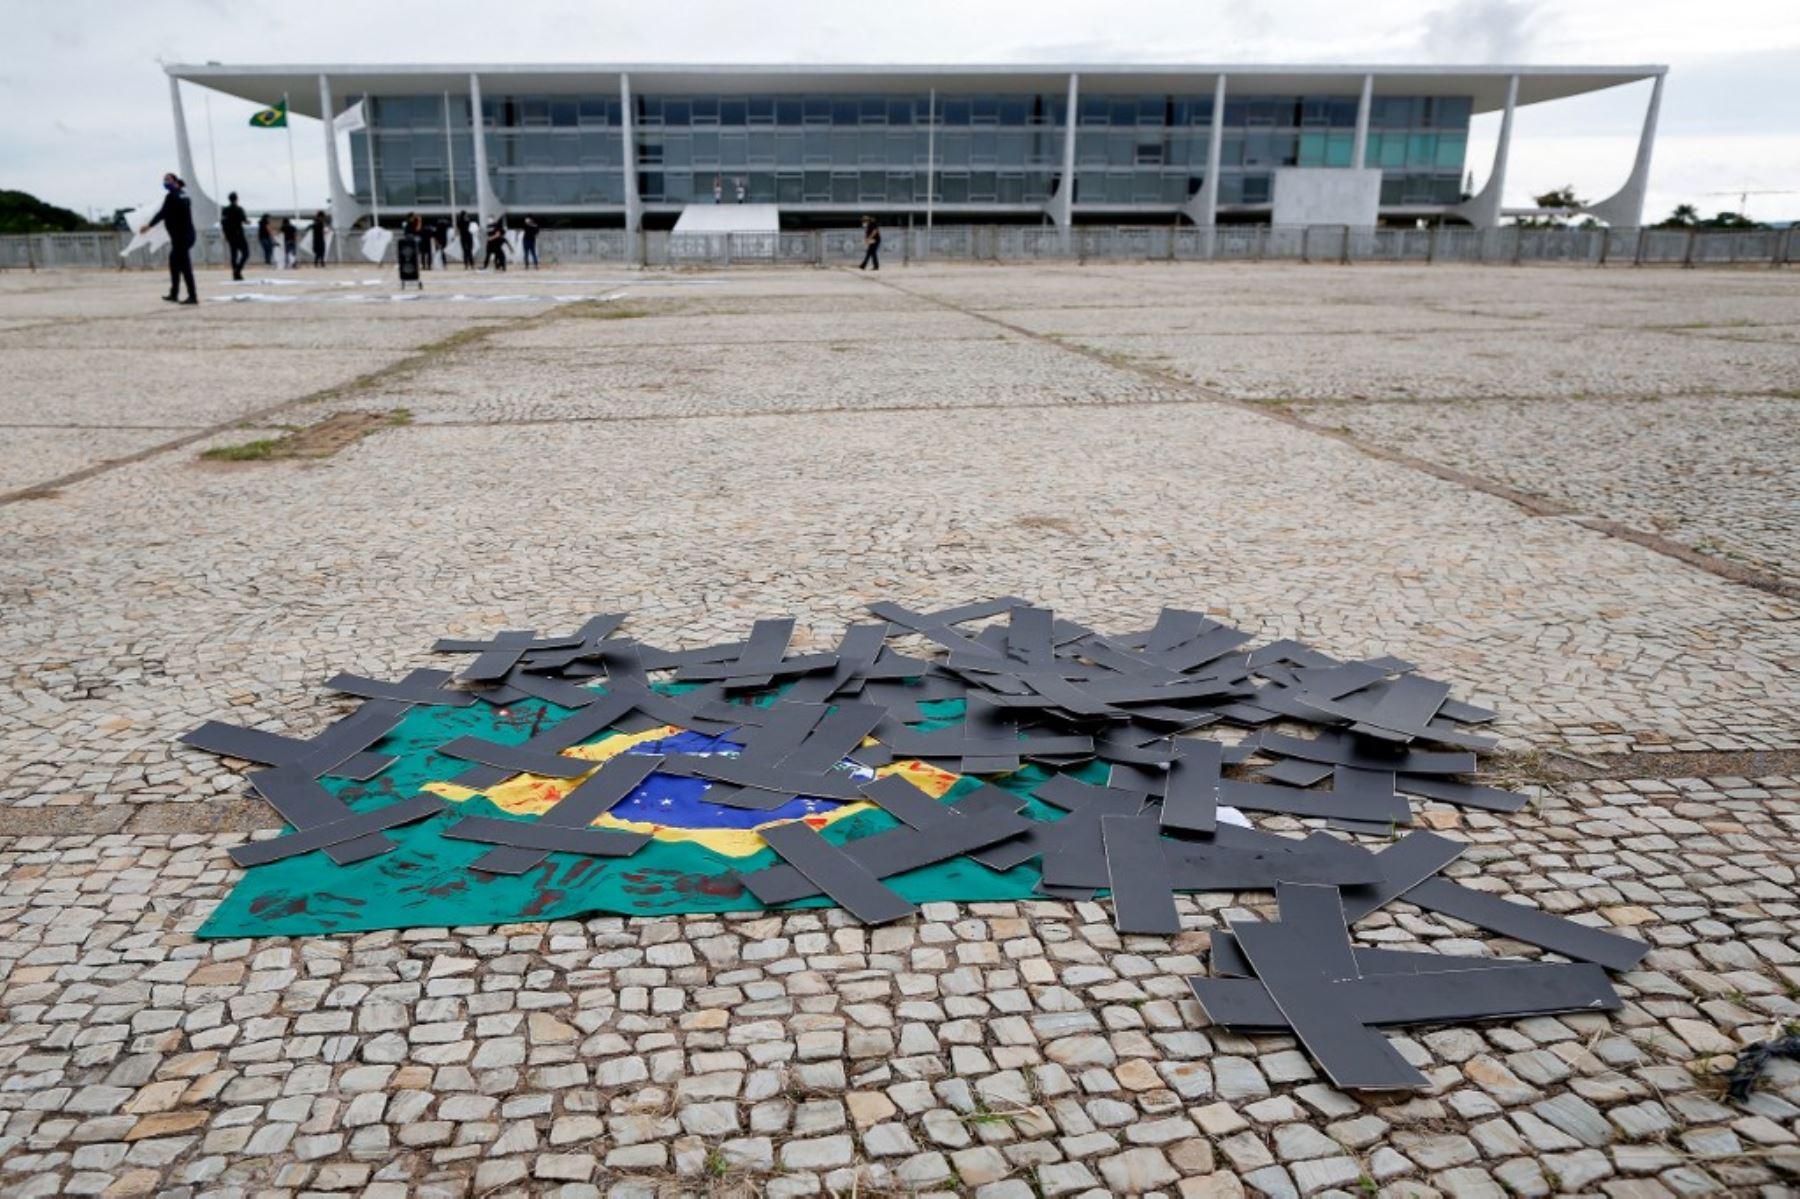 Cruces negras y una bandera brasileña manchada con tinta roja se ven durante una manifestación de enfermeras para protestar contra el presidente brasileño Jair Bolsonaro y rendir homenaje a los trabajadores de la salud que murieron por complicaciones del nuevo coronavirus covid-19, frente al Palacio Planalto en Brasilia. Foto: AFP